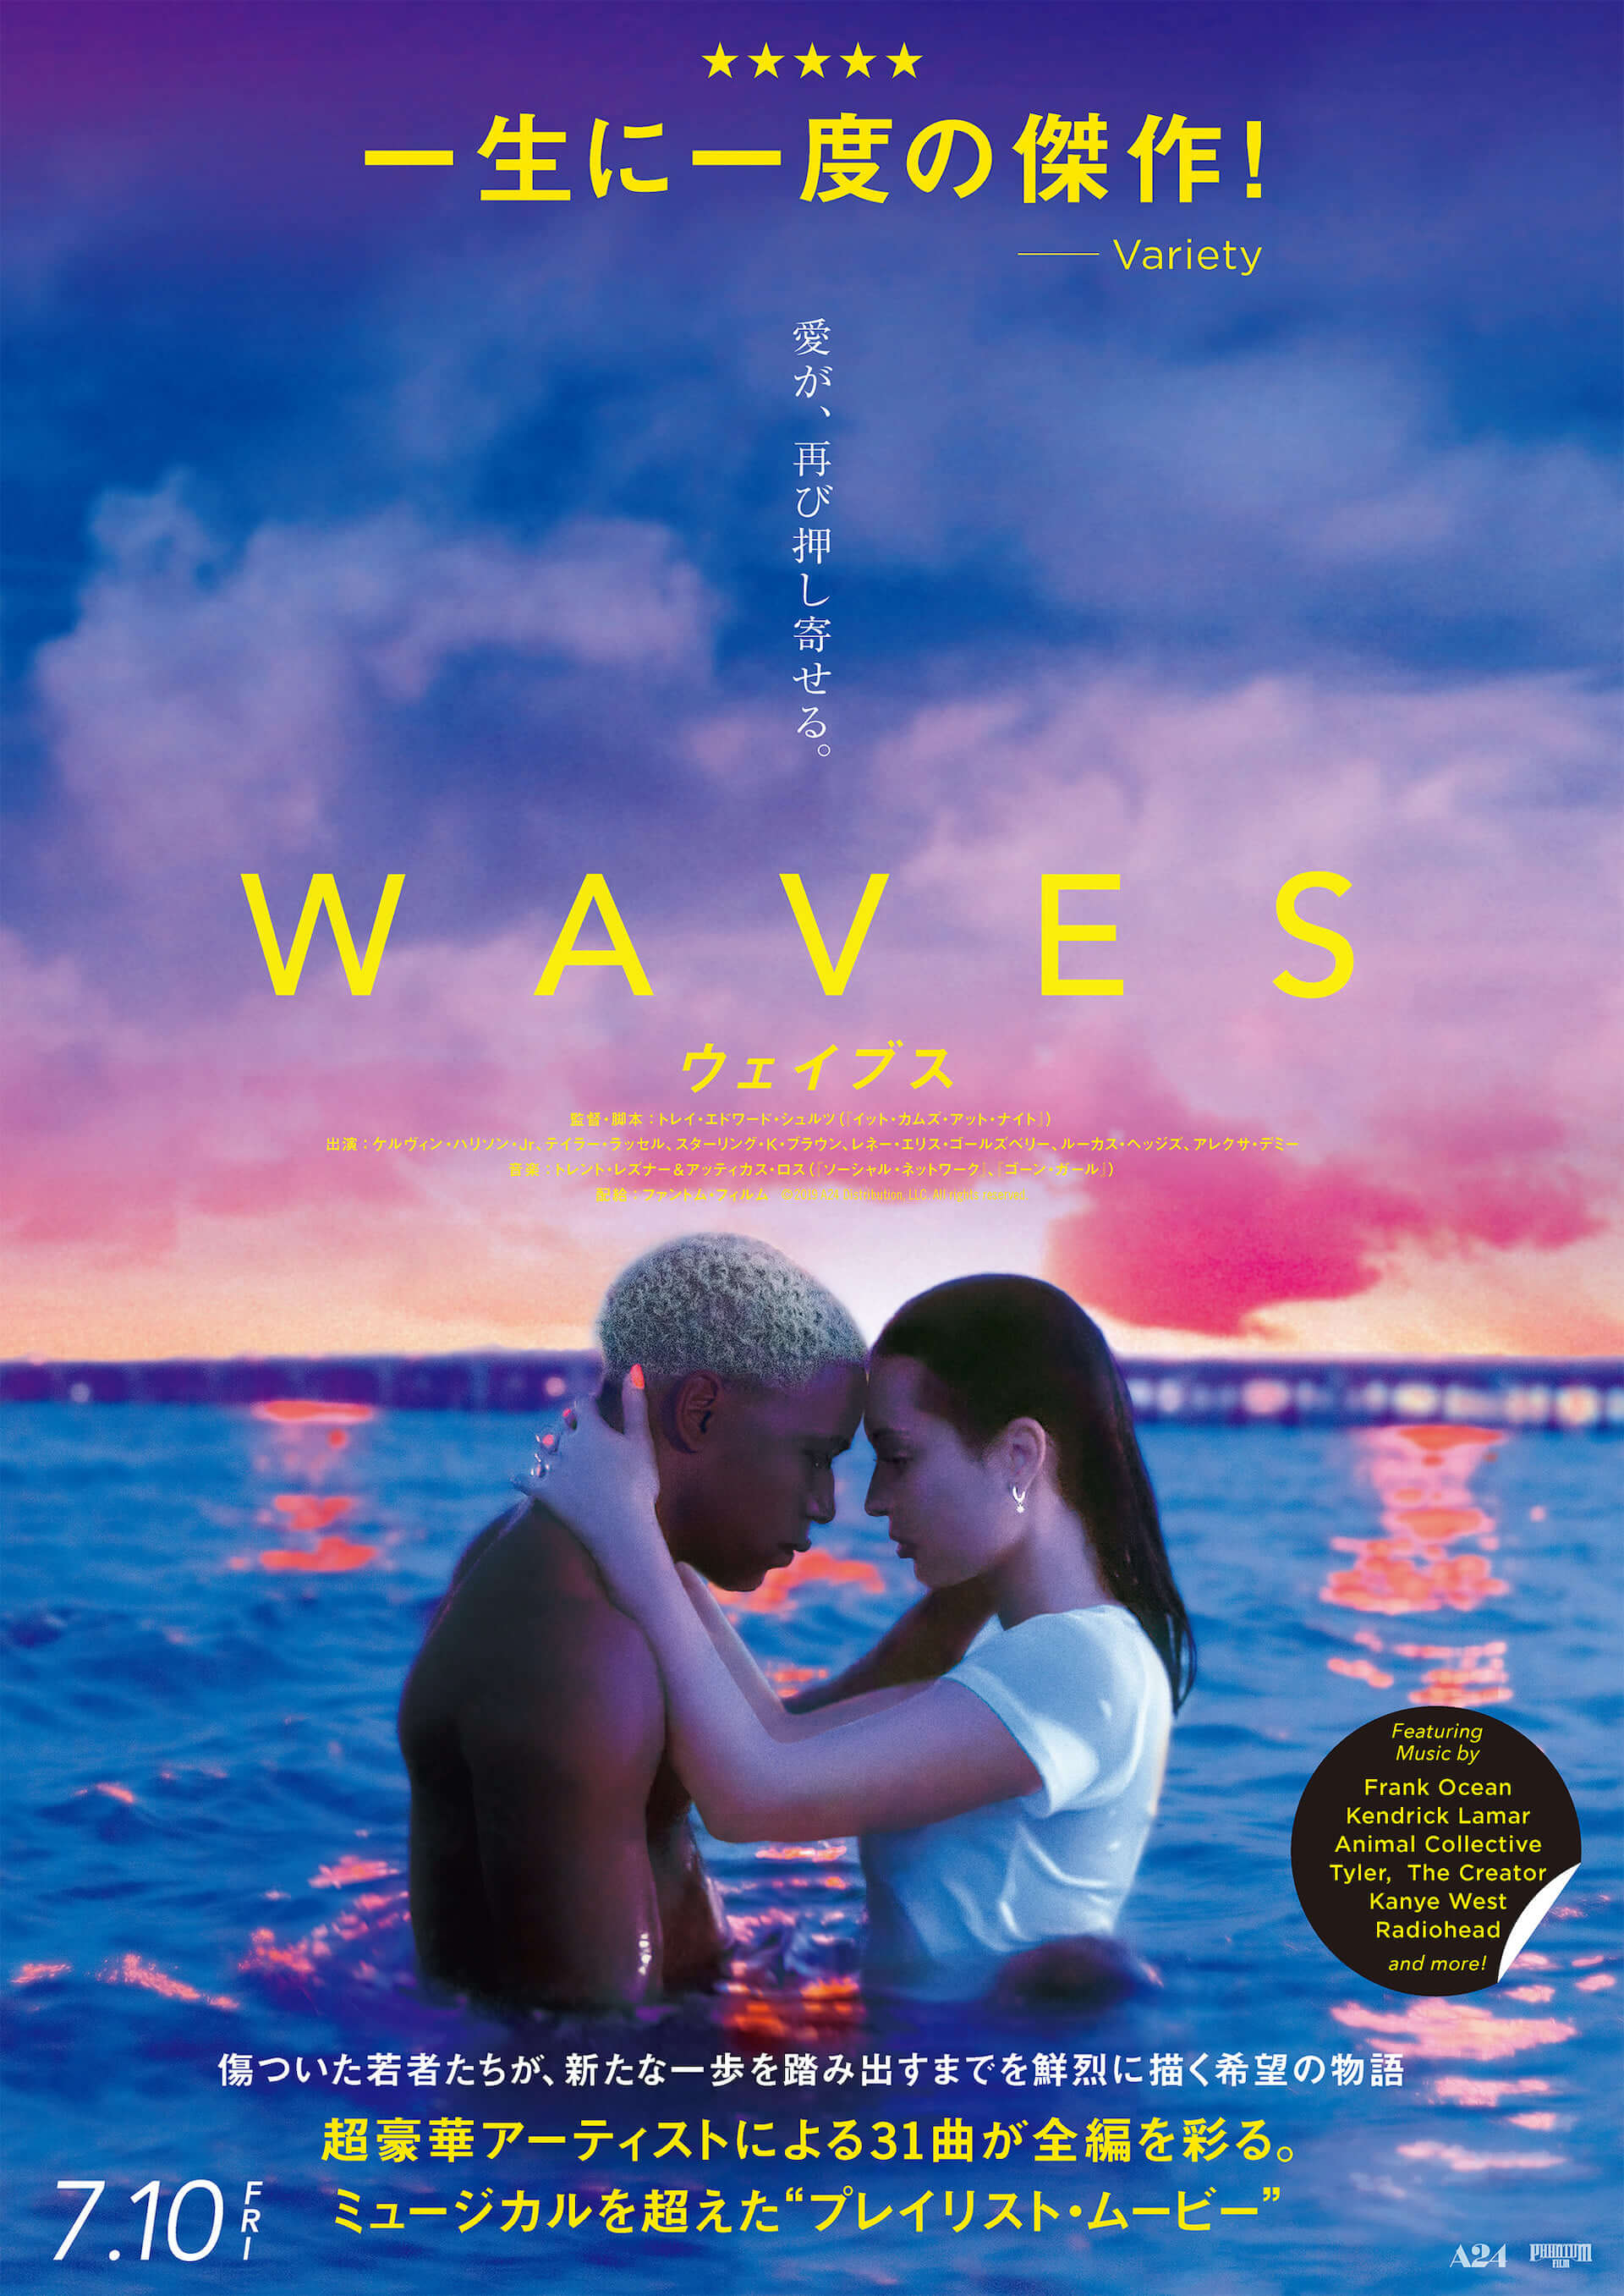 A24『WAVES/ウェイブス』より楽曲使用シーンを繋いだMIX映像が解禁|カニエ・ウェスト、テーム・インパラなど7曲 film200717_waves_1-1920x2714